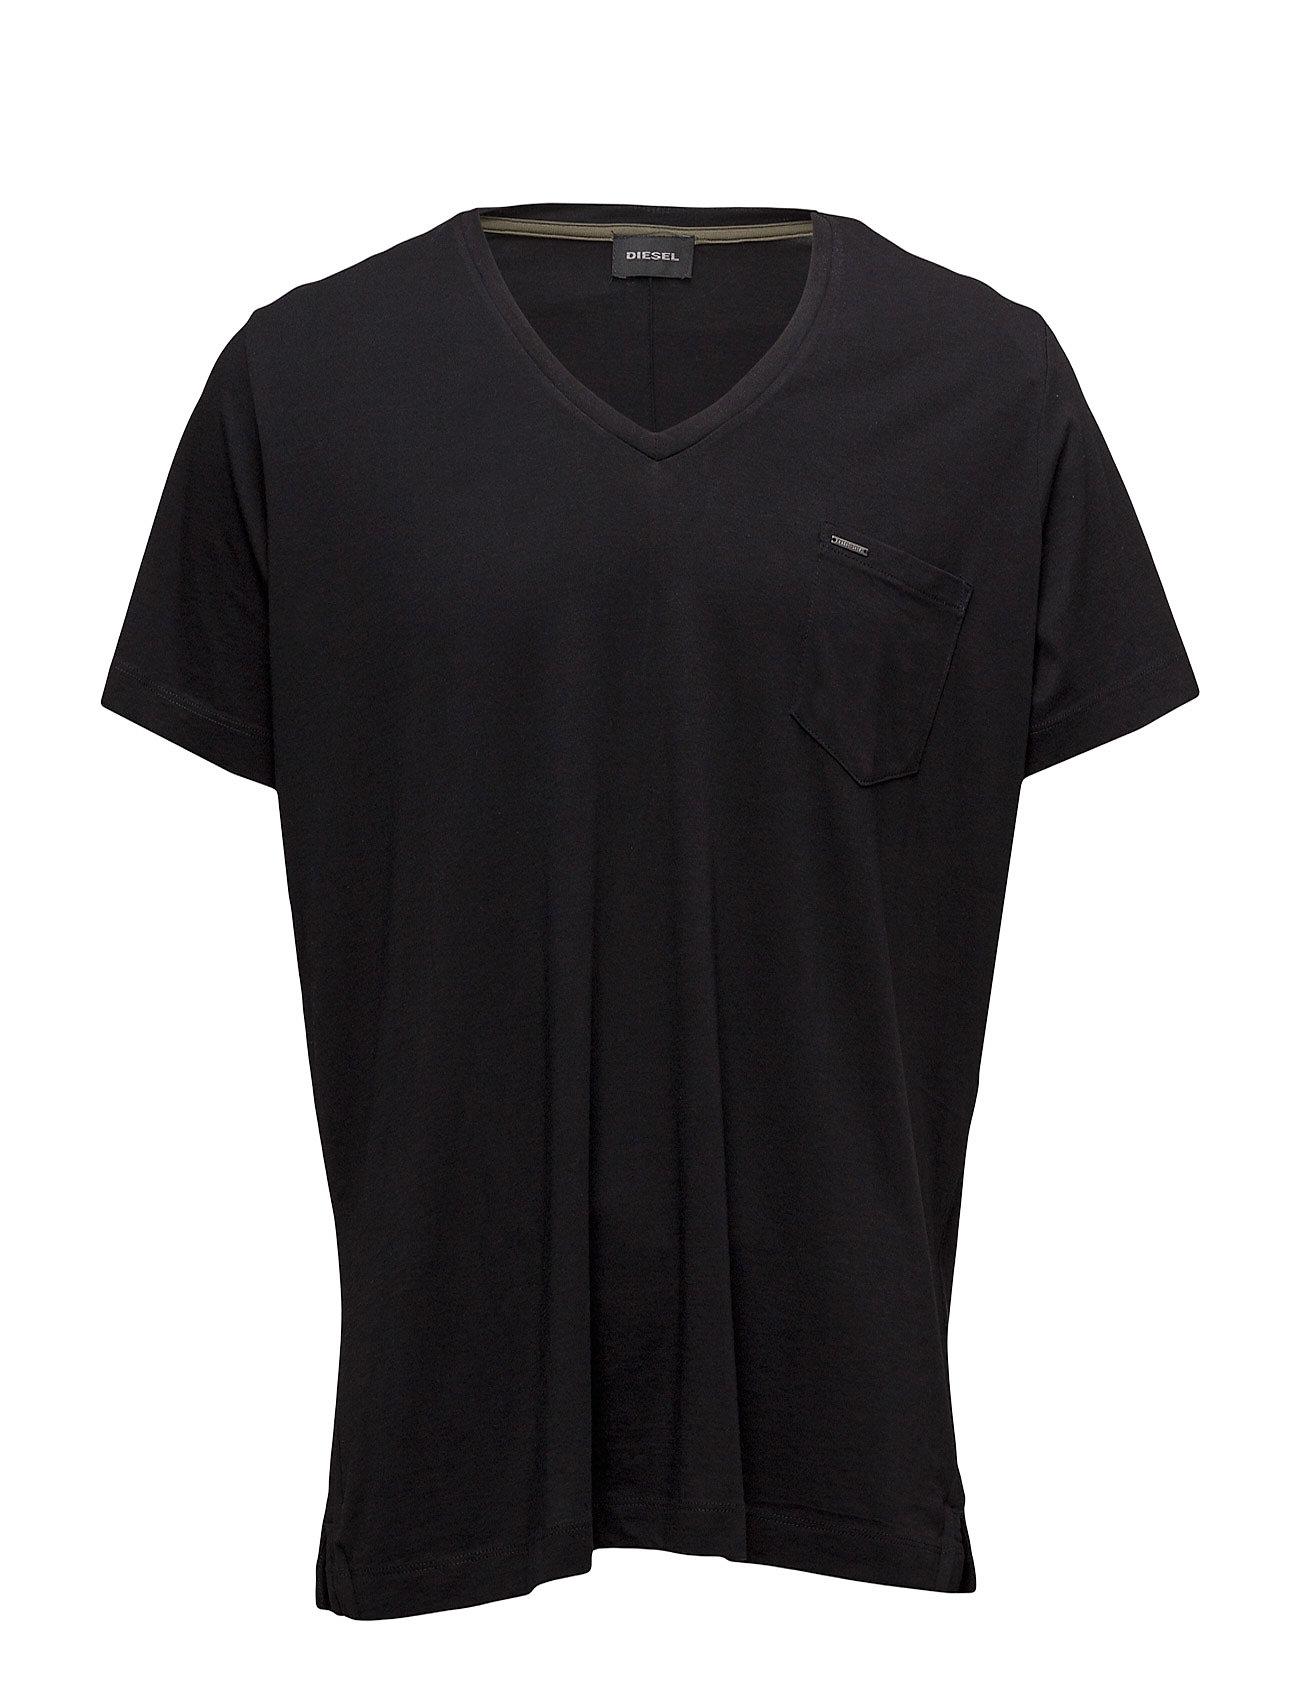 T-Saturno T-Shirt Diesel Men Kortærmede til Herrer i